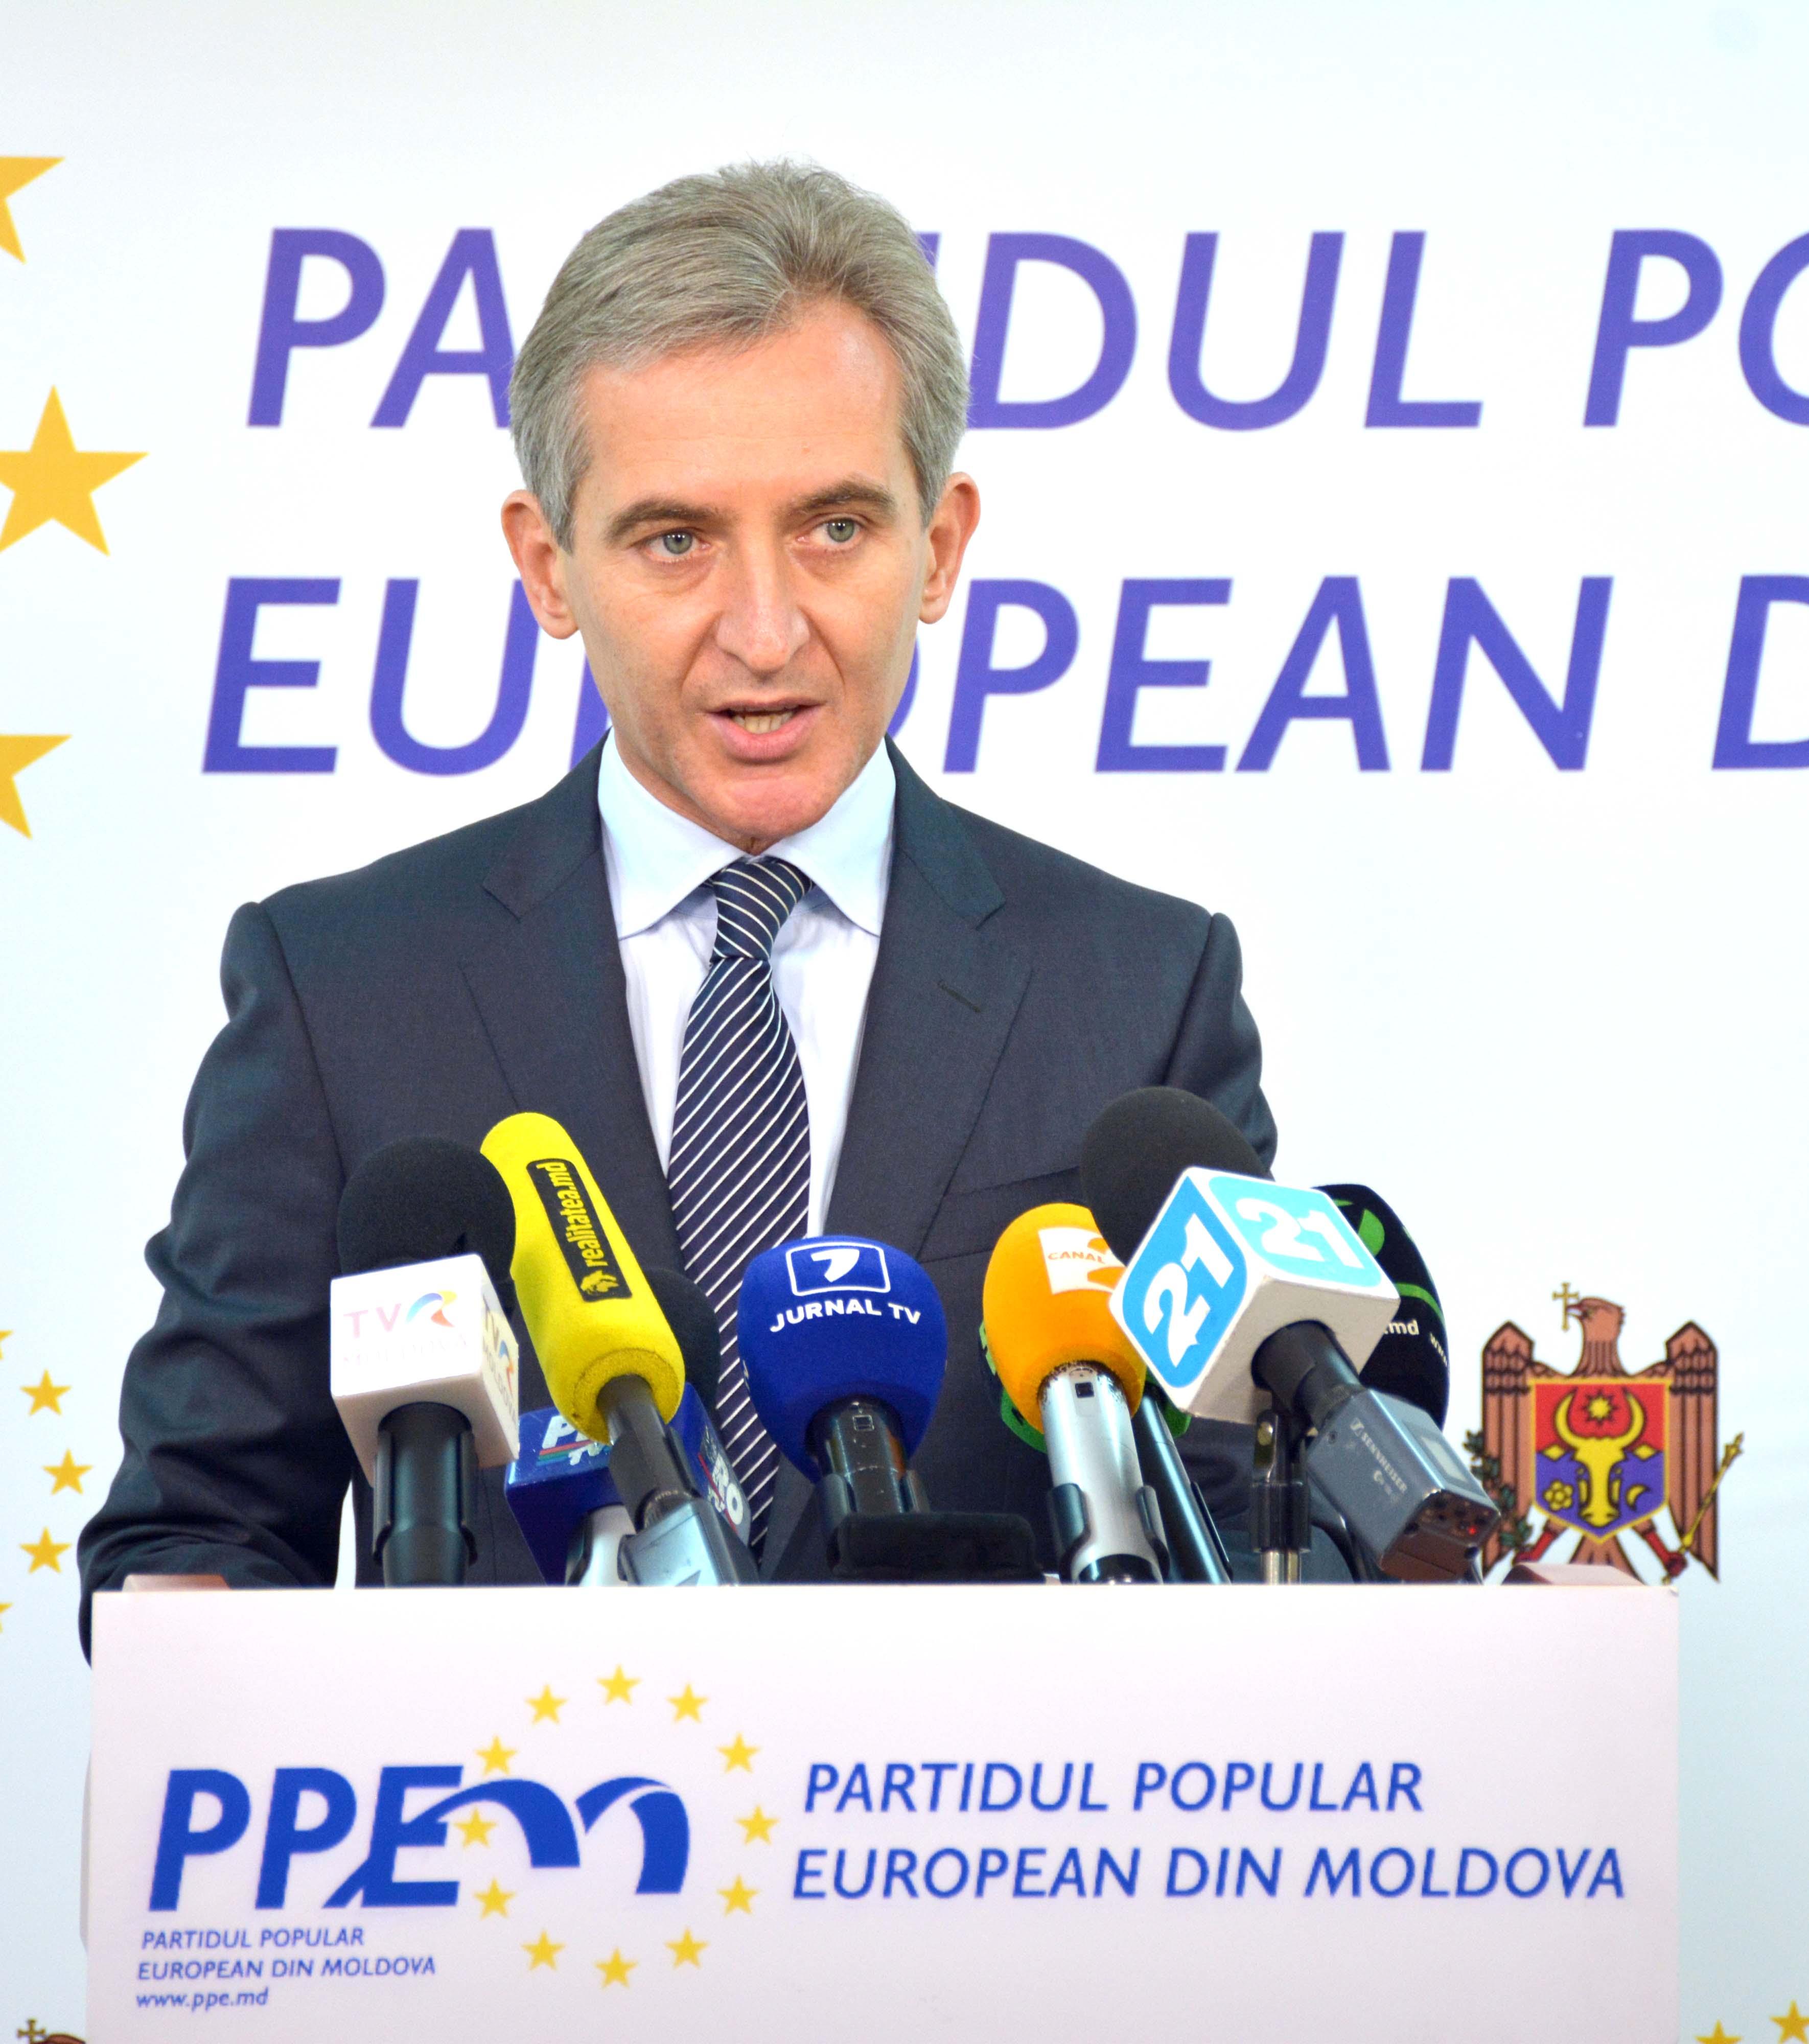 Iurie Leancă: Sper că Igor Dodon va da dovadă de responsabilitate și va accepta candidatura domnului Eugen Sturza